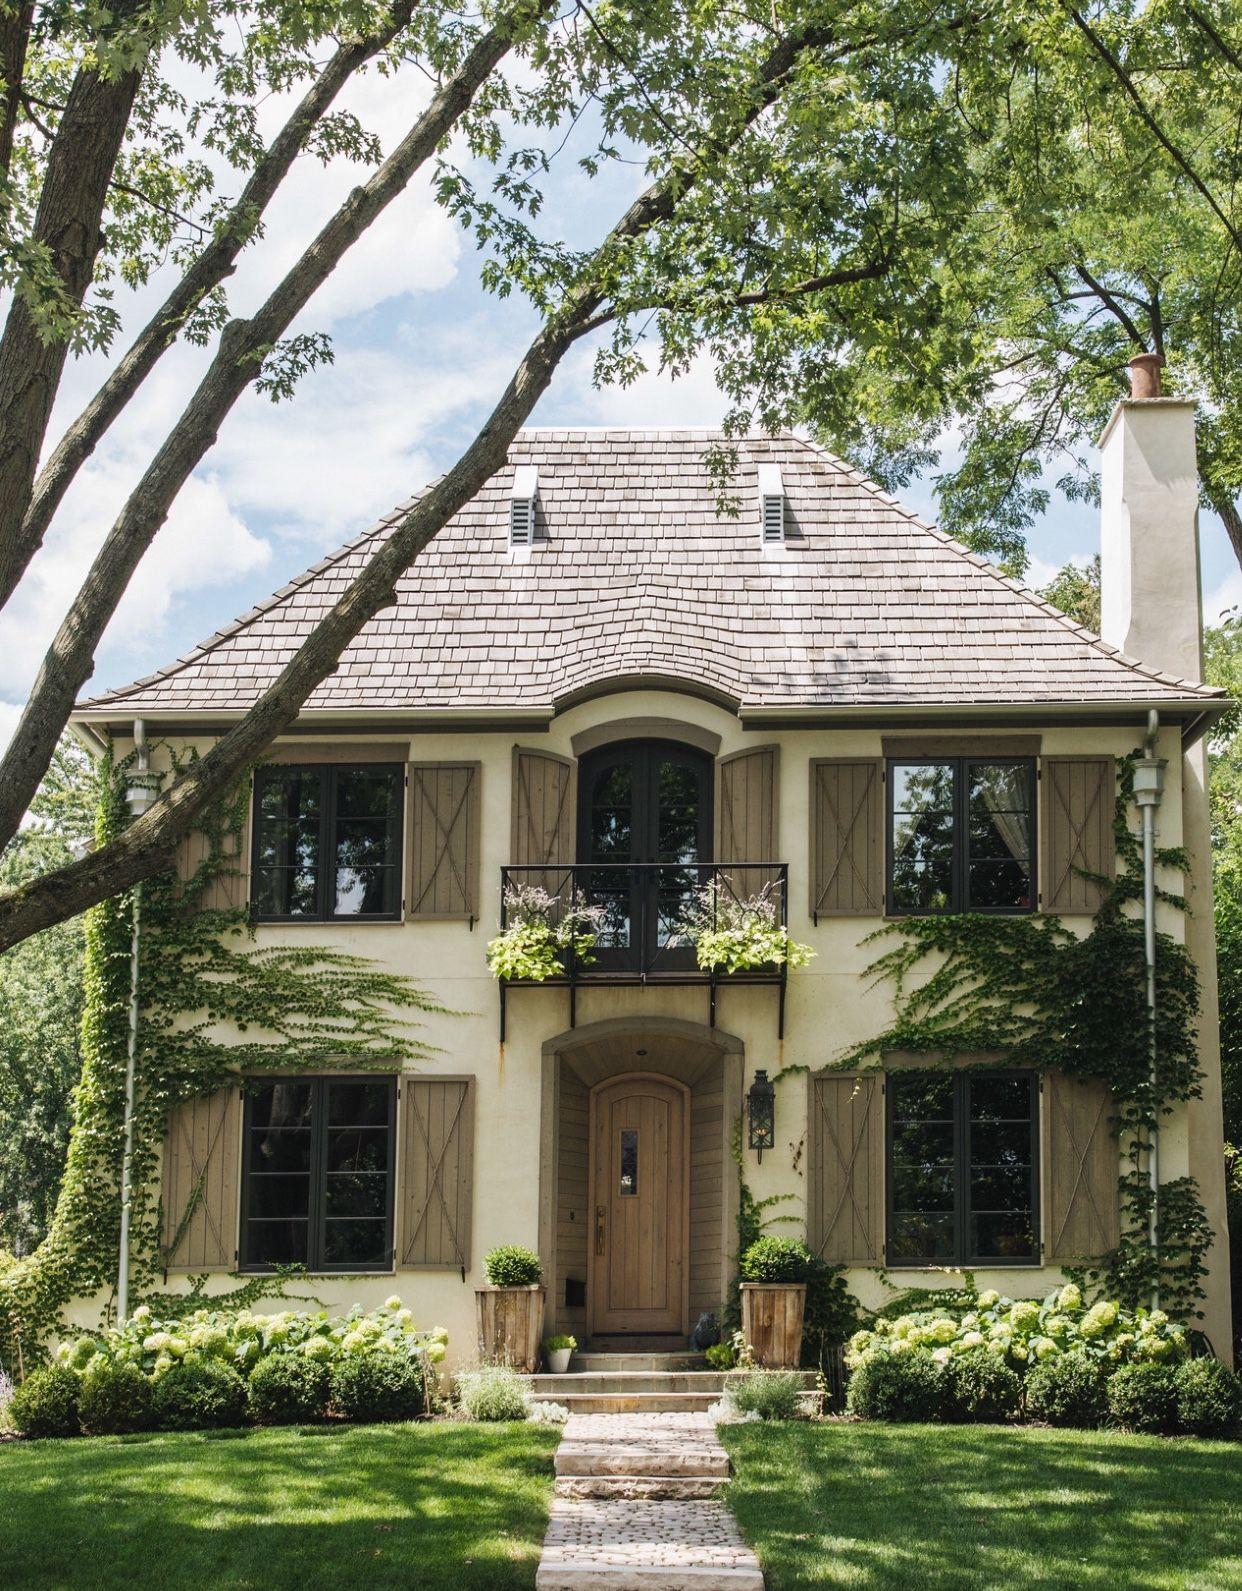 Pin Von Fashionista Den Auf My Home | Pinterest | Selbermachen, Wohnen Und  Architektur